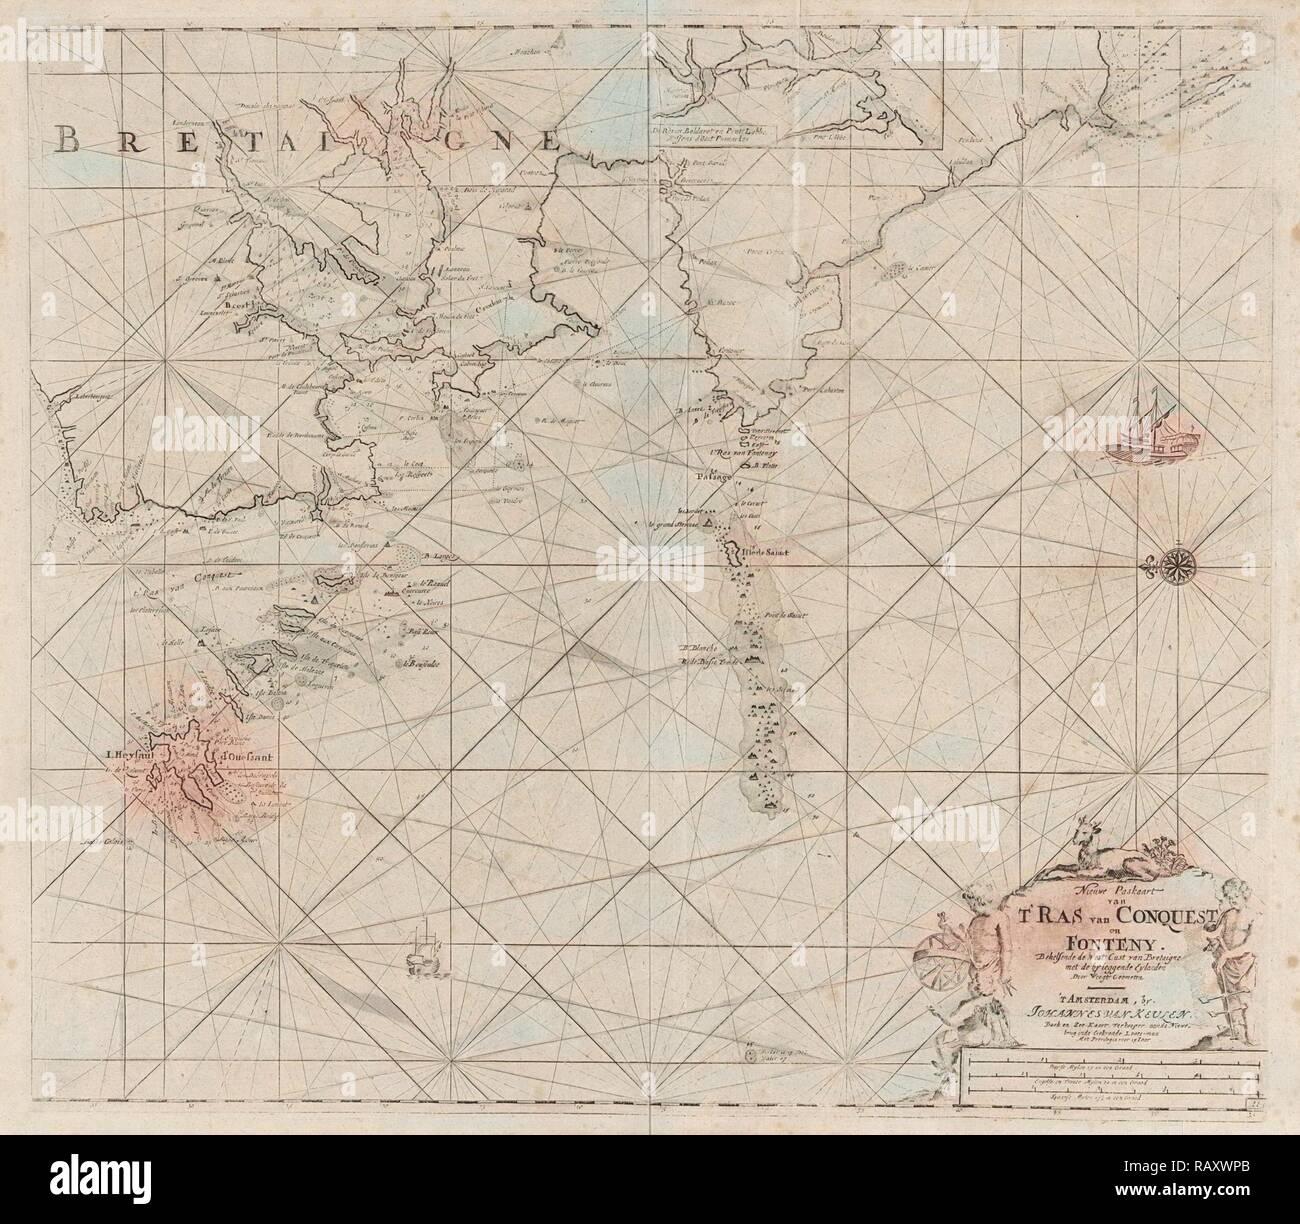 Carte Cote Ouest Bretagne.Carte De La Cote Ouest De La Bretagne Anonyme Claes Jansz